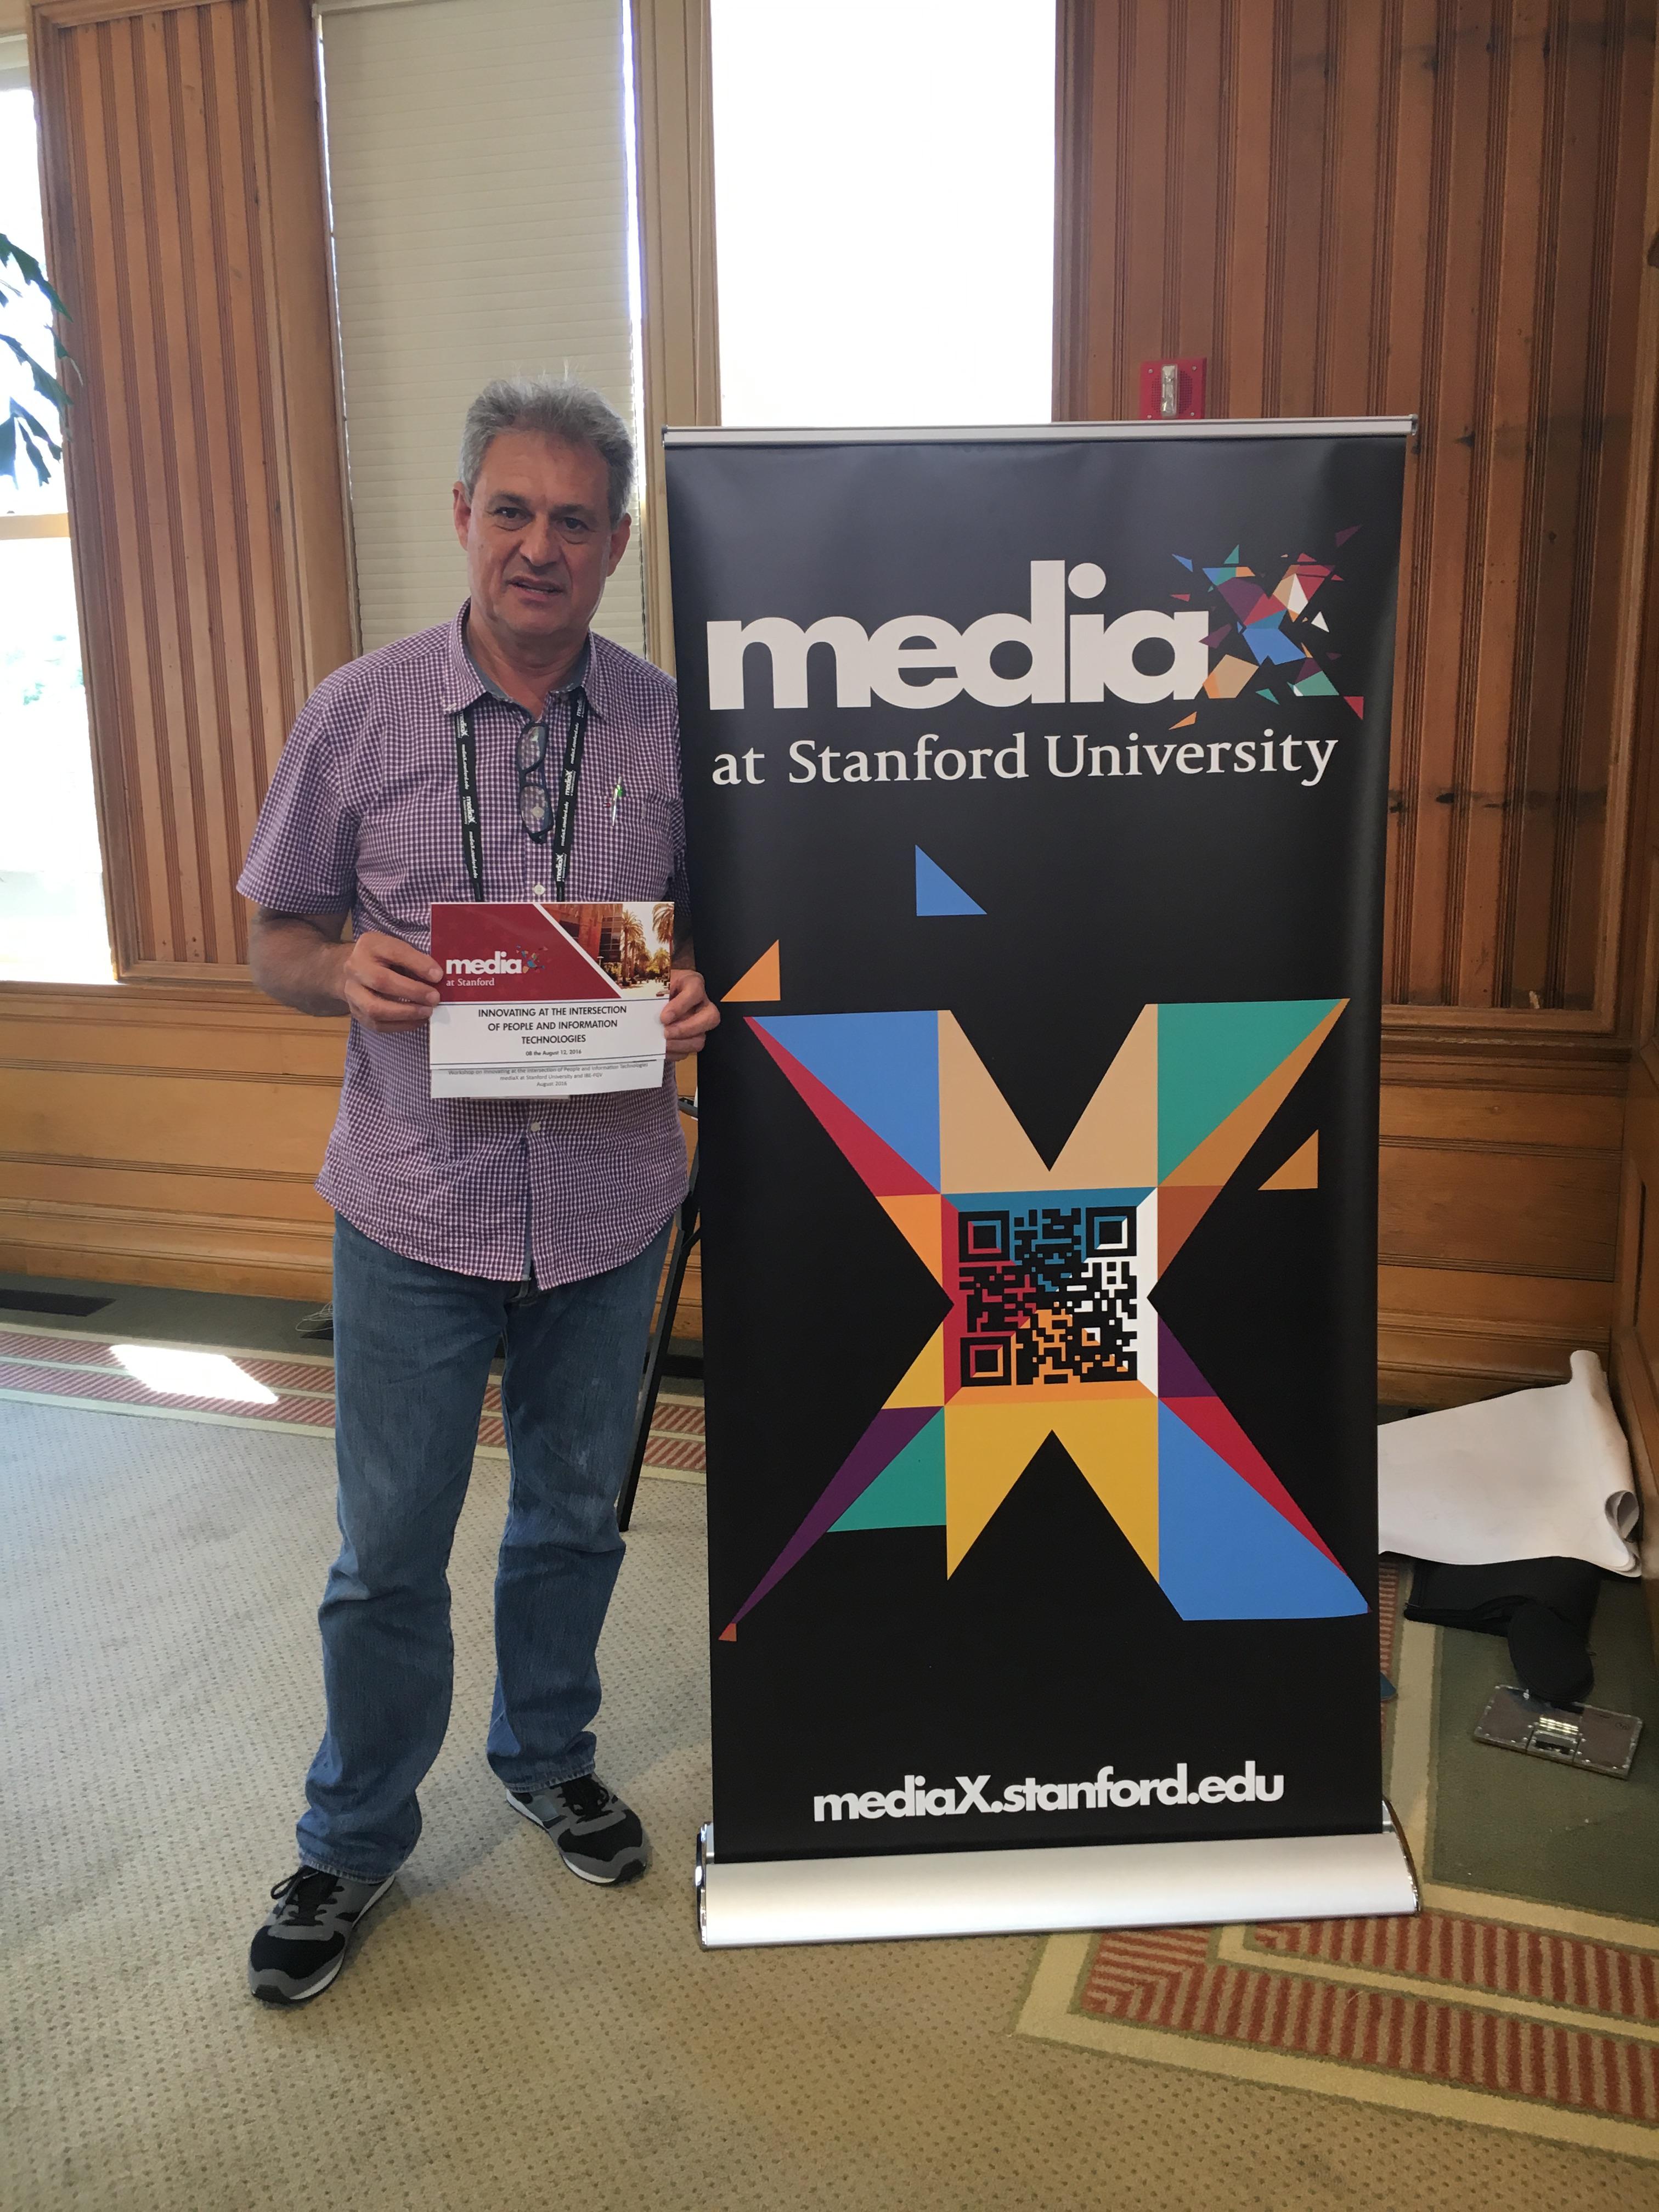 Participante do módulo em Stanford fala sobre a experiência/ Foto: Divulgação